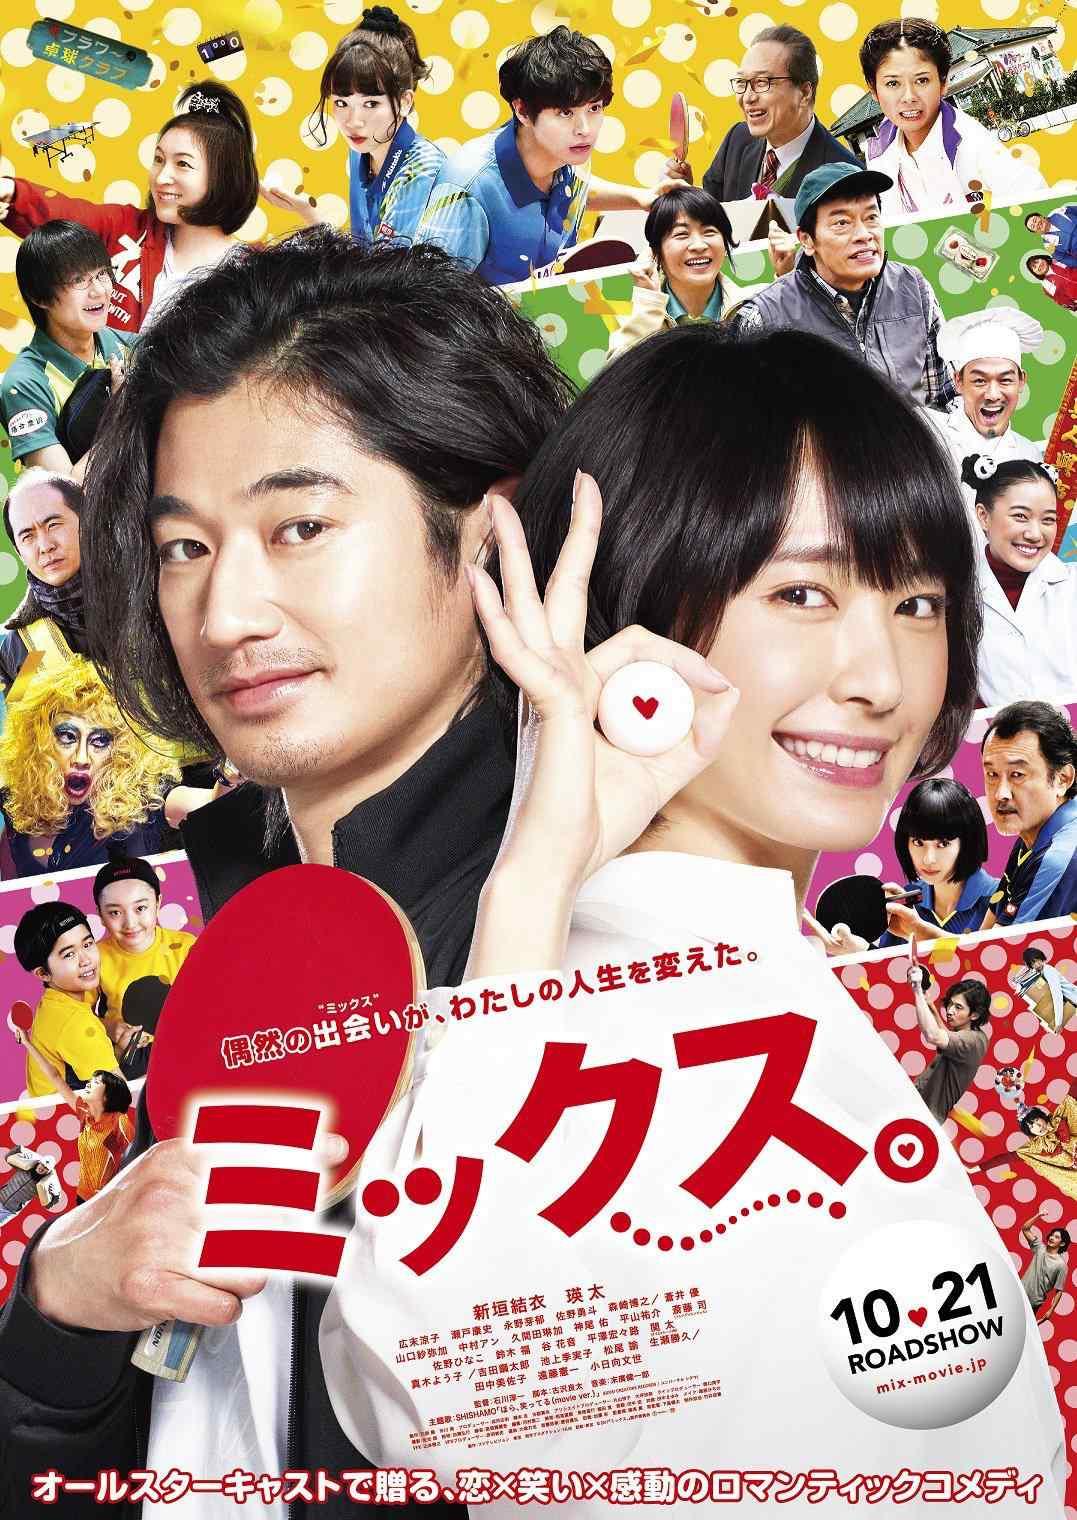 恋爱回旋日本原版海报